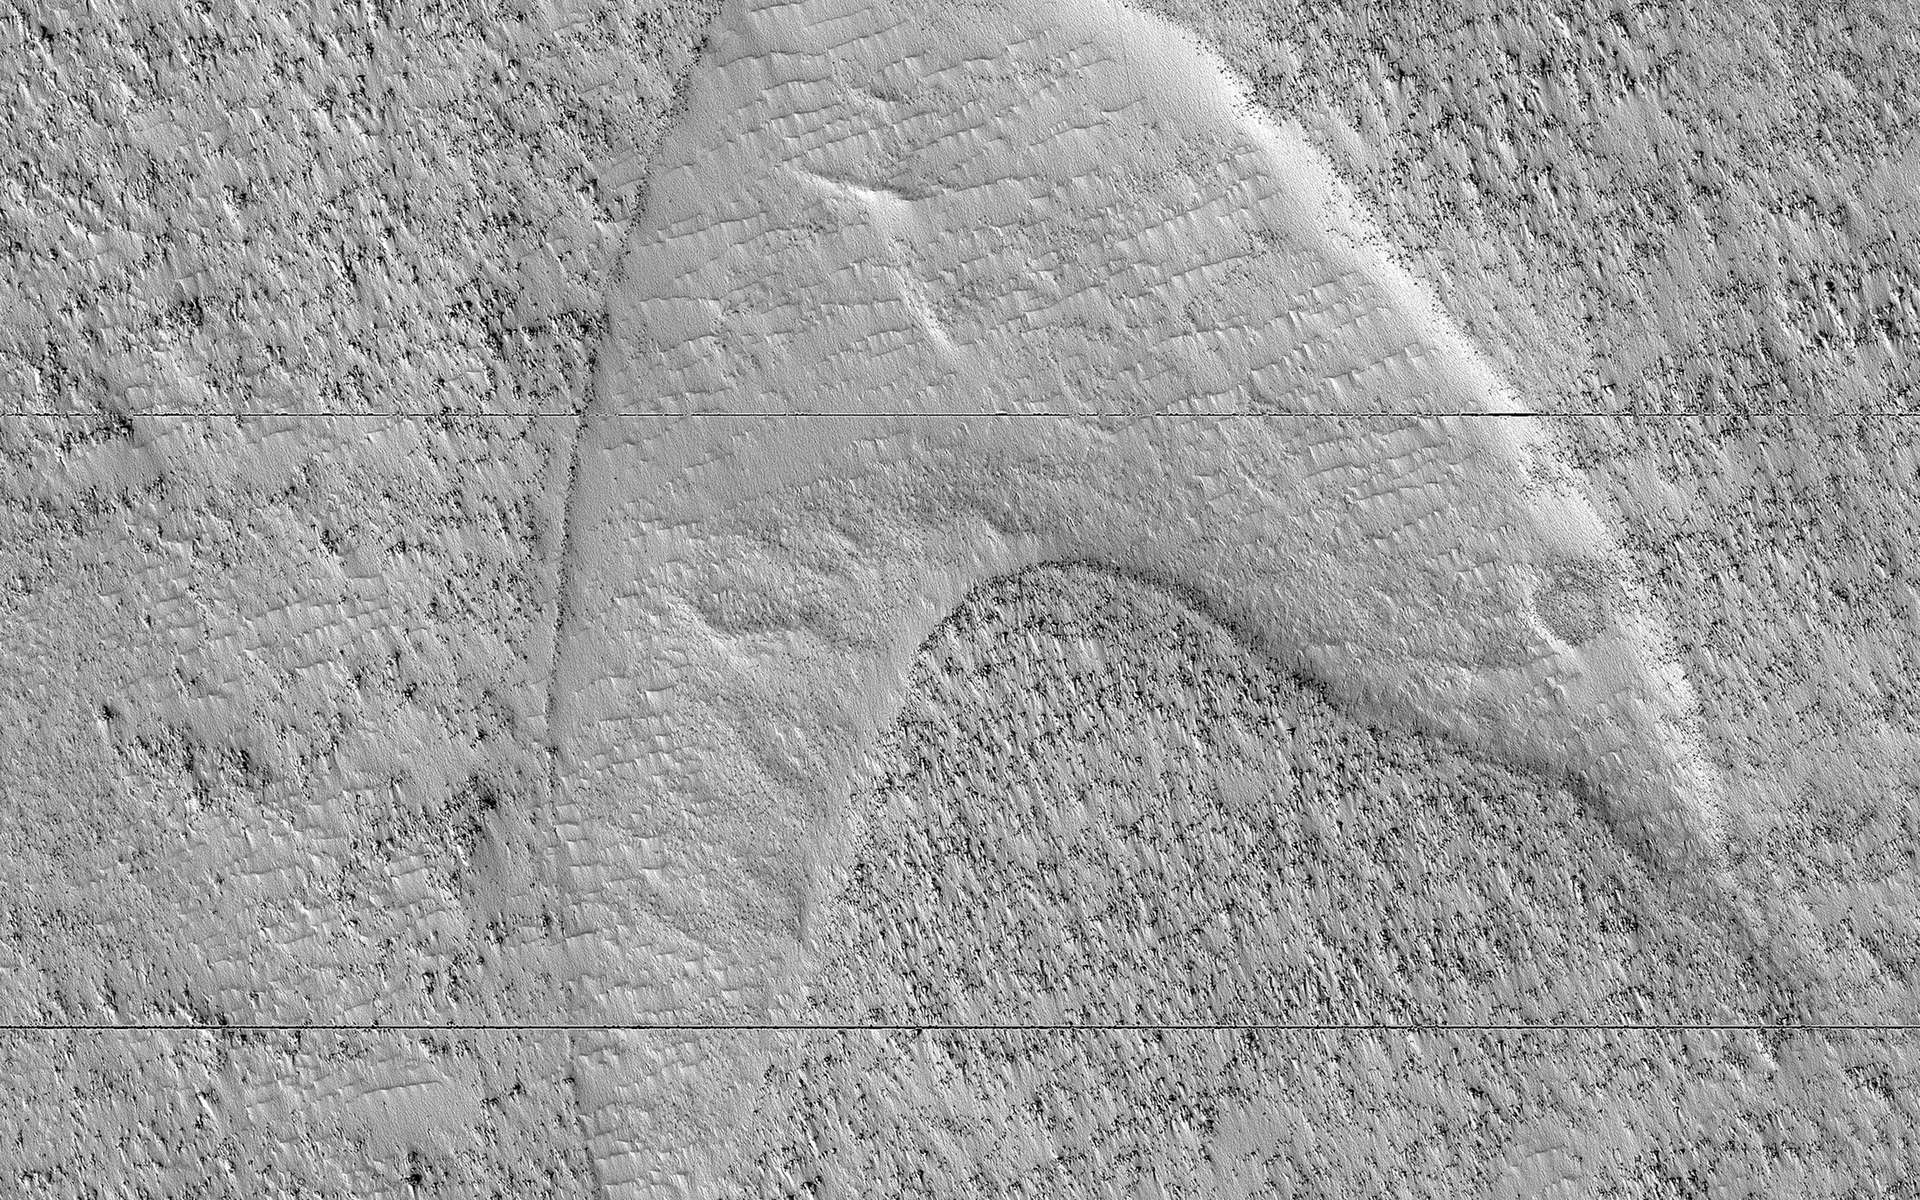 L'empreinte d'une ancienne dune de sable figée dans une plaine de lave sur Mars vue par la sonde Mars Reconnaissance Orbiter (MRO). © Nasa/JPL-Caltech/University of Arizona